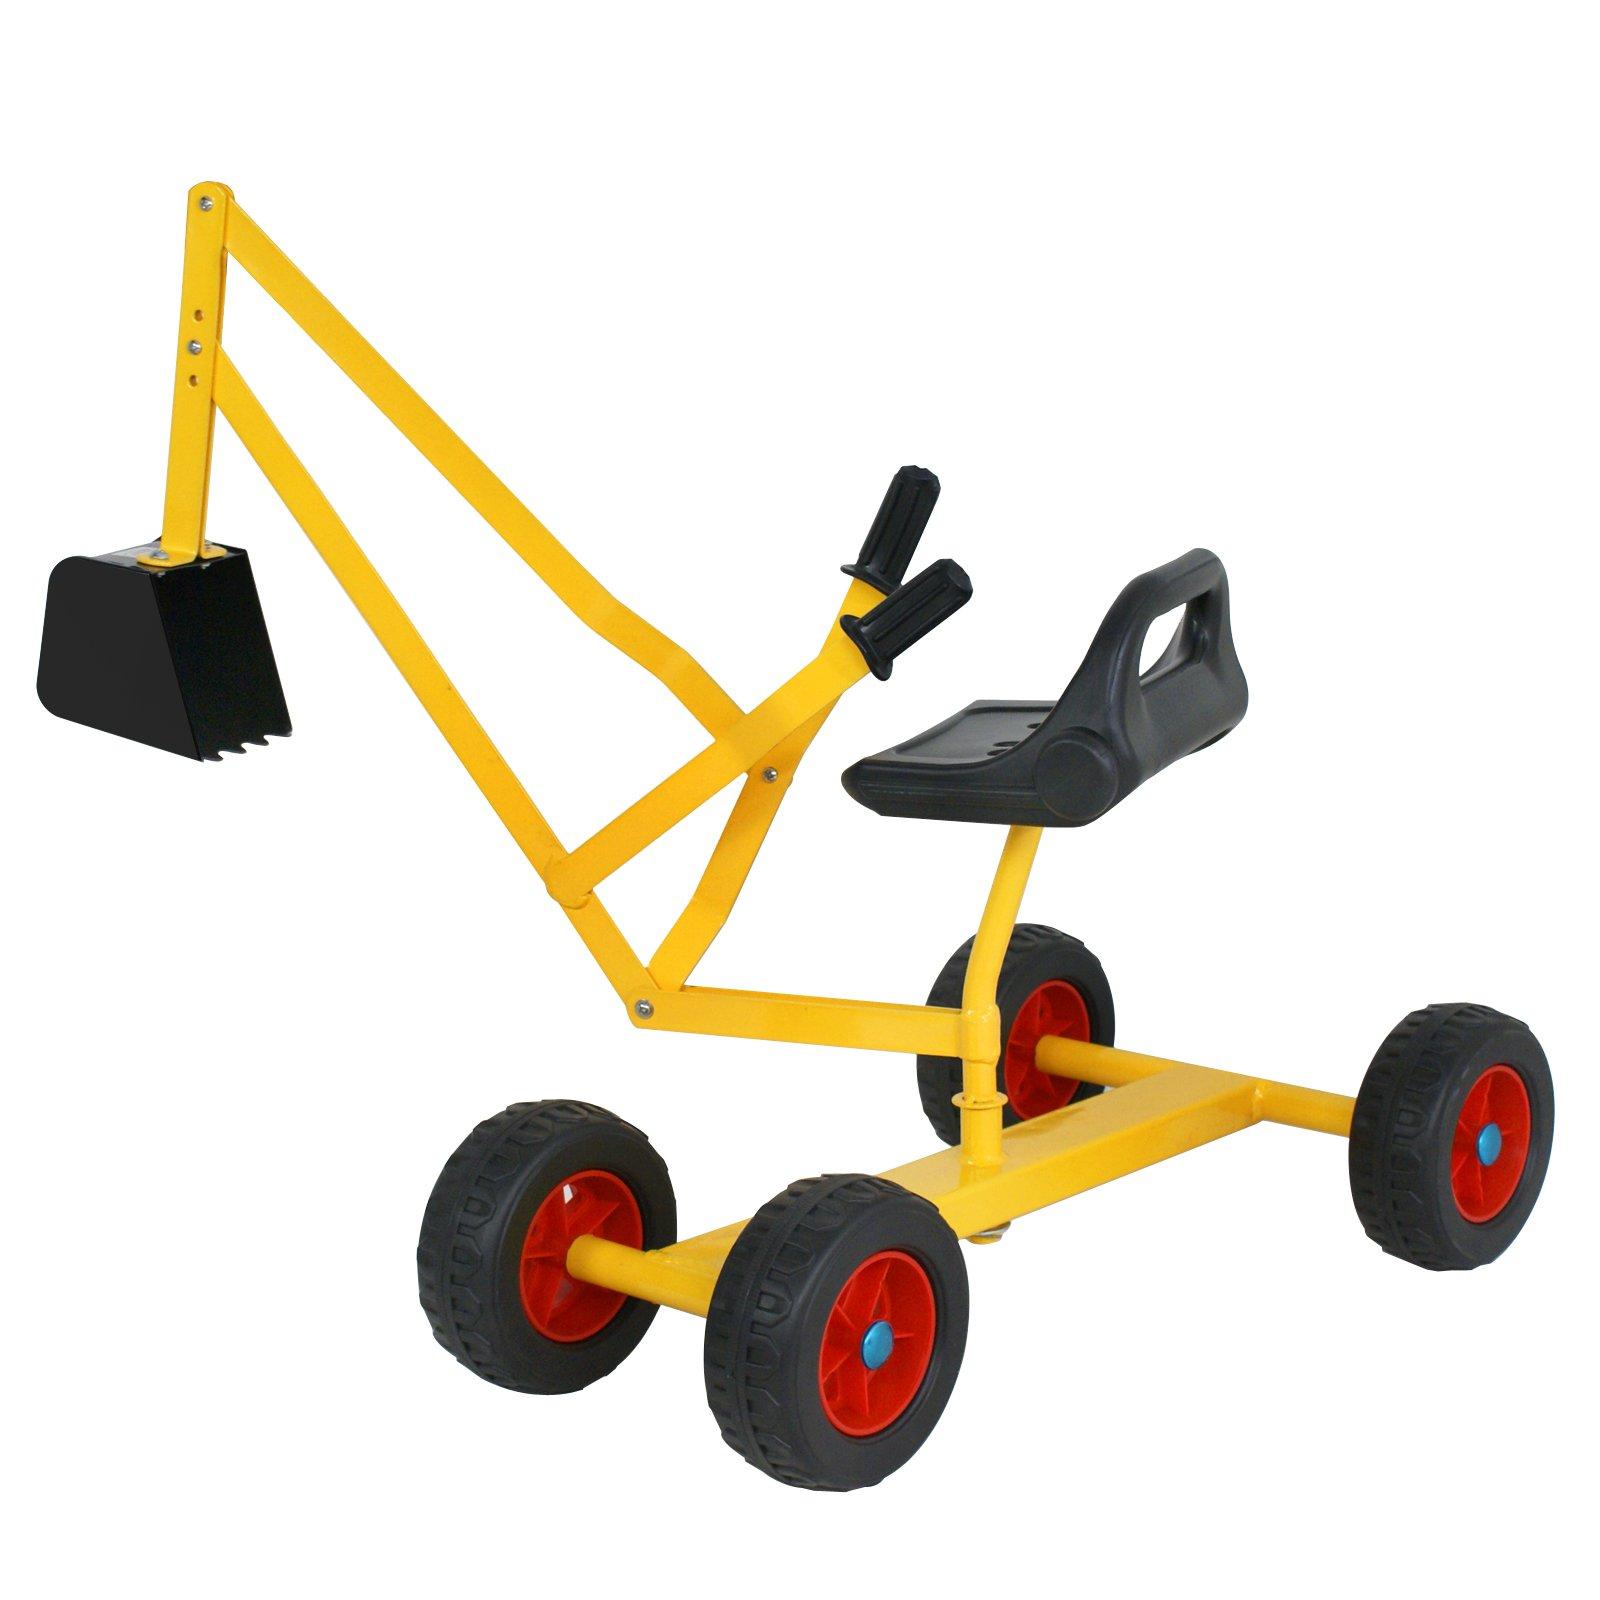 ZENY Sandbox Sand Digger Toy Backhoe w/ 4 Wheels Ride On Crane Sand Dig Digging Scooper Excavator